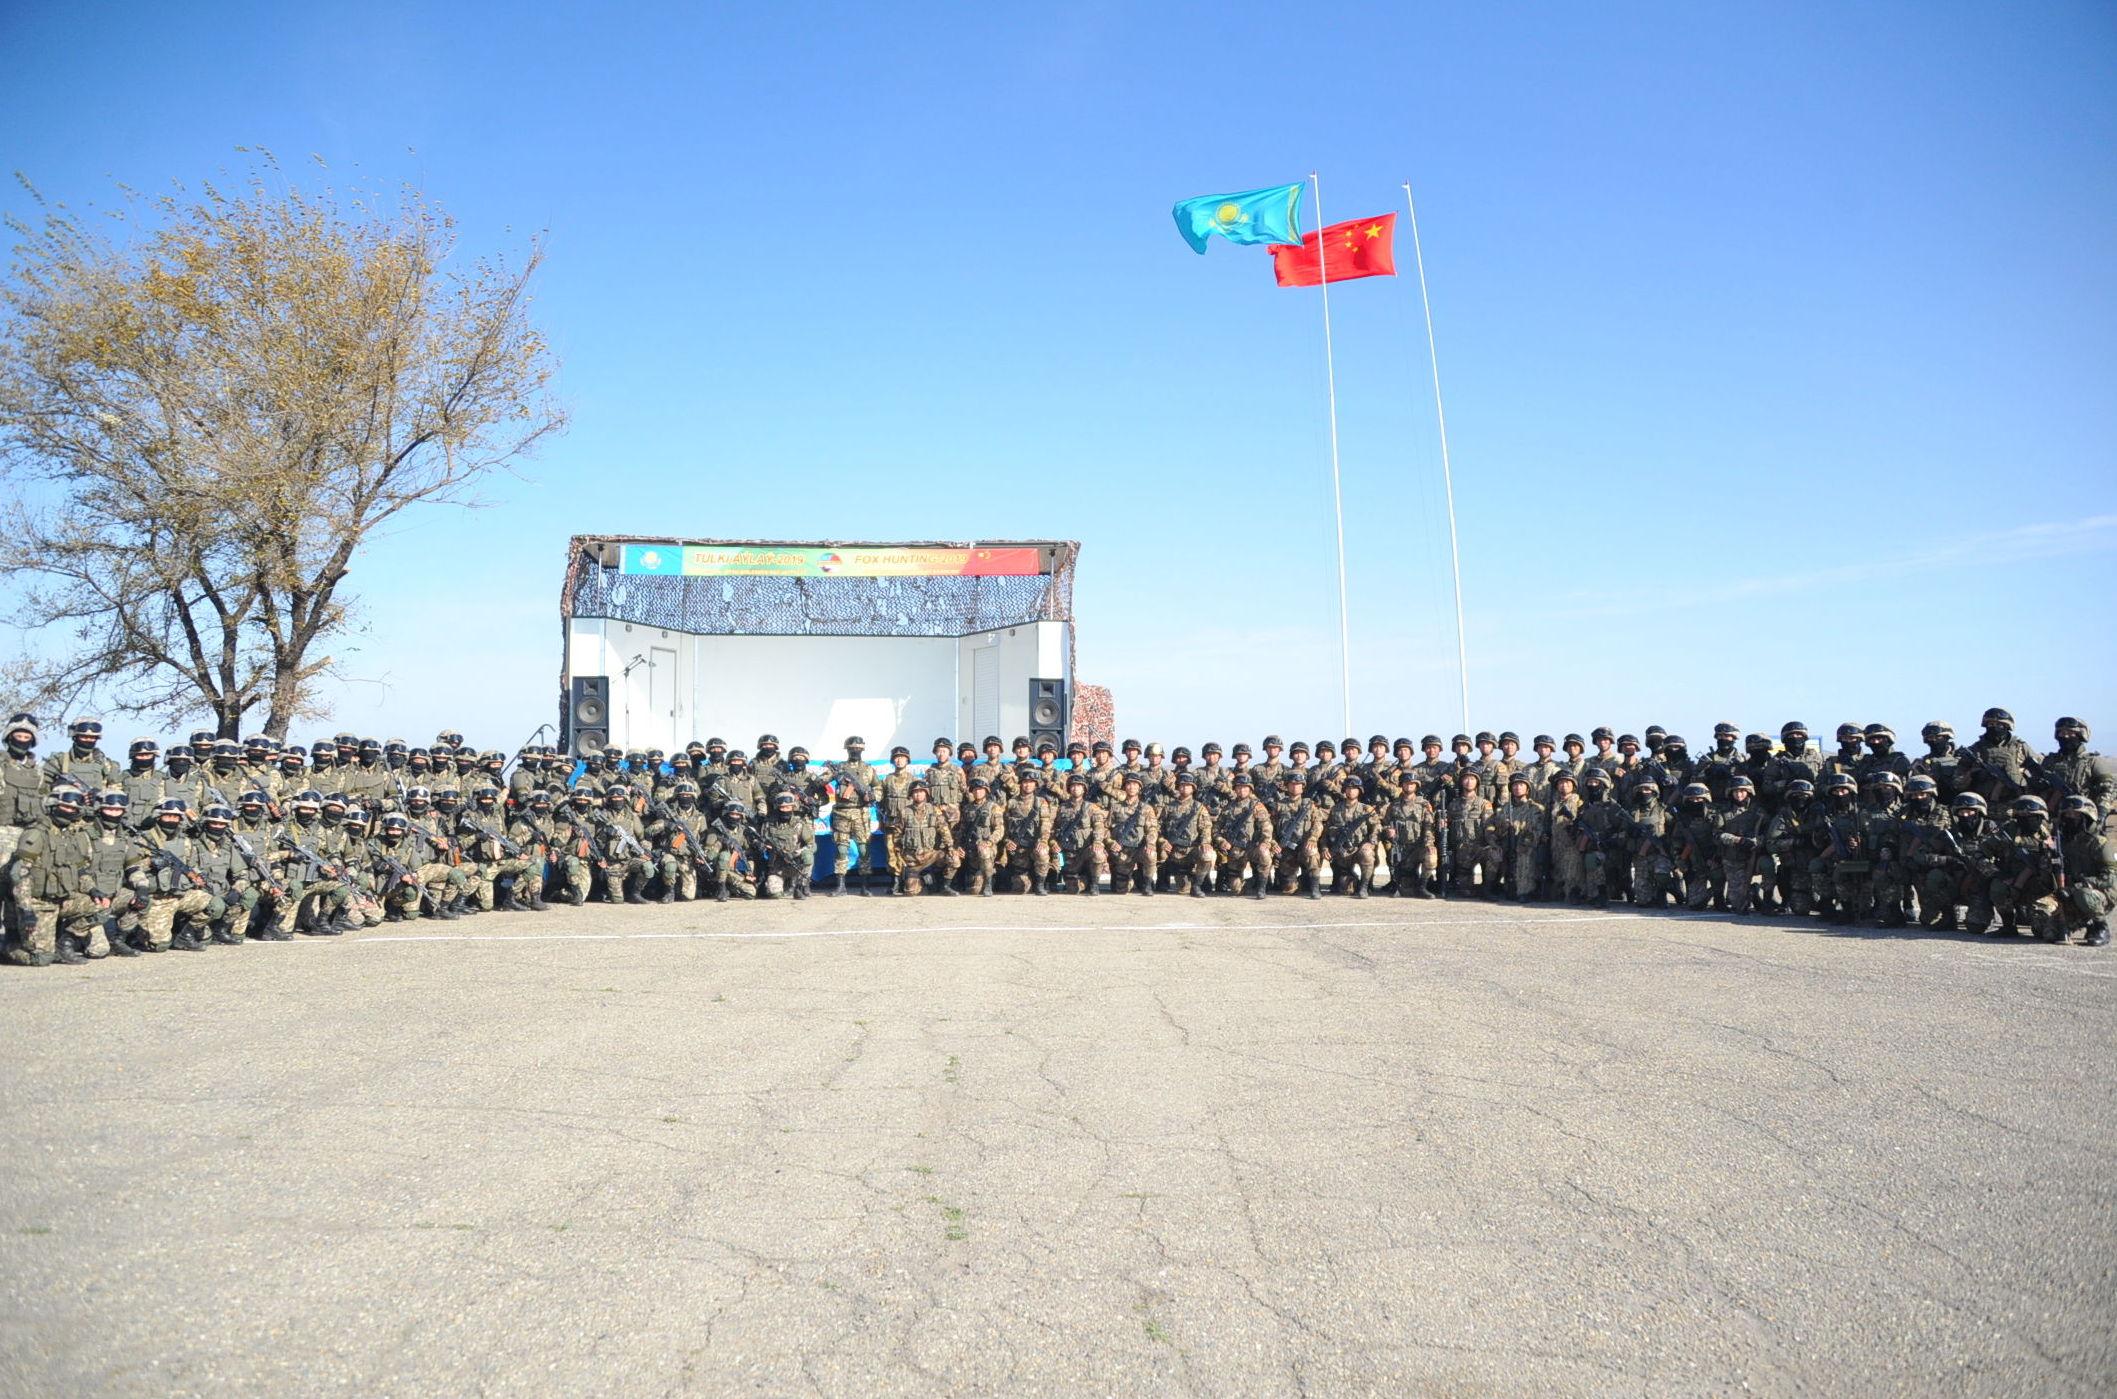 Спецподразделения Казахстана и Китая на совместной учебной антитеррористической операции по условной ликвидации незаконных вооруженных формирований